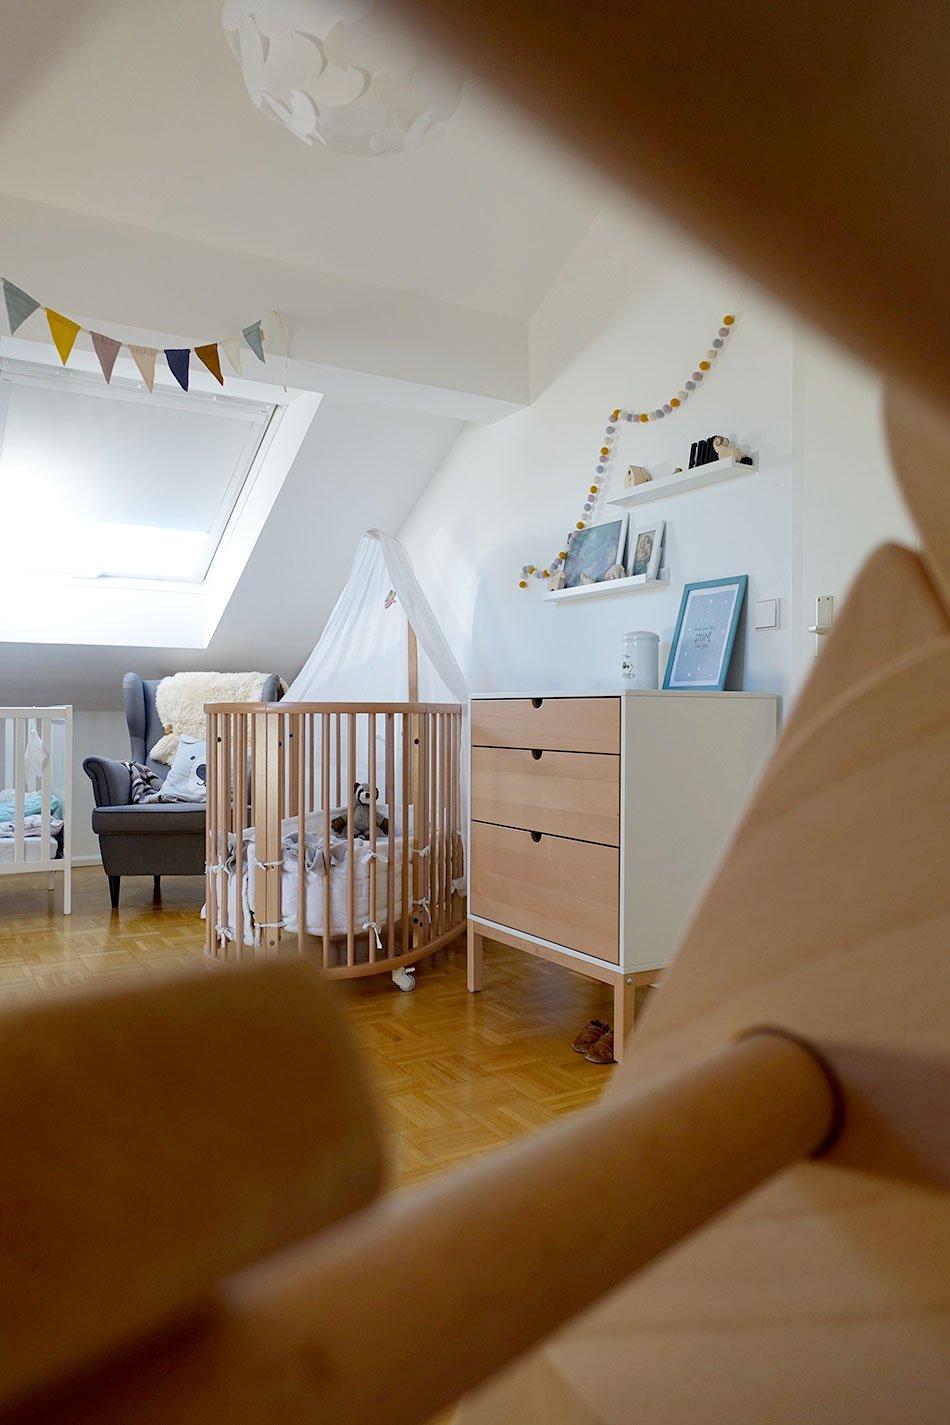 Kinderzimmer Unterm Dach Tipps Fur Die Einrichtung Ekulele